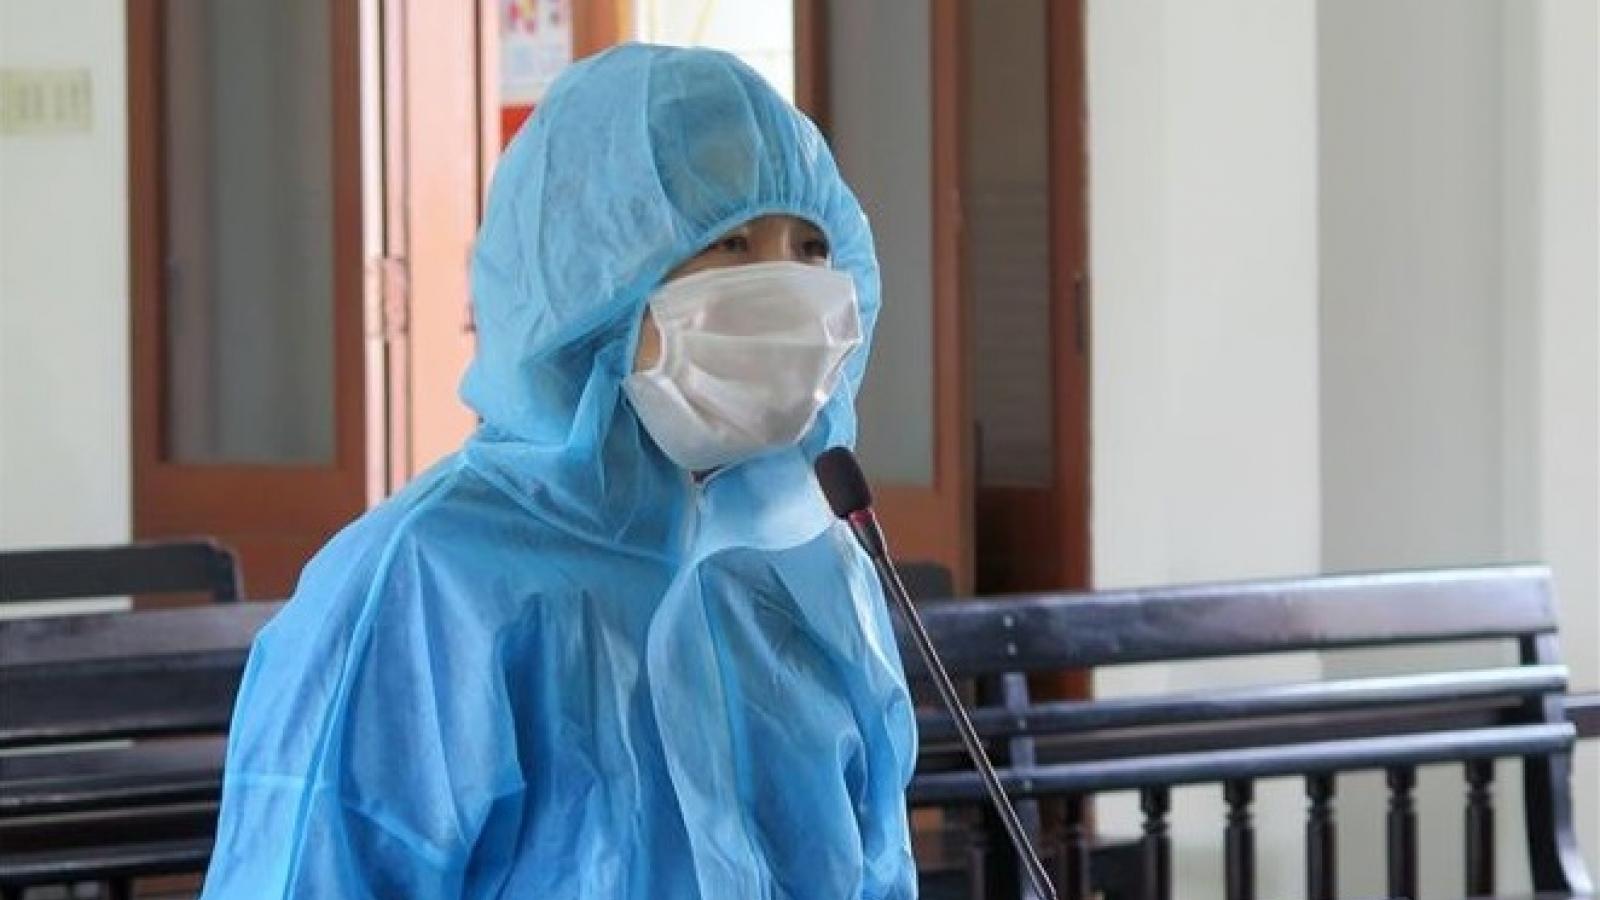 Bác kháng cáo, tuyên phạt Trần Thị Tuyết Diệu 8 năm tù giam vì chống phá Nhà nước